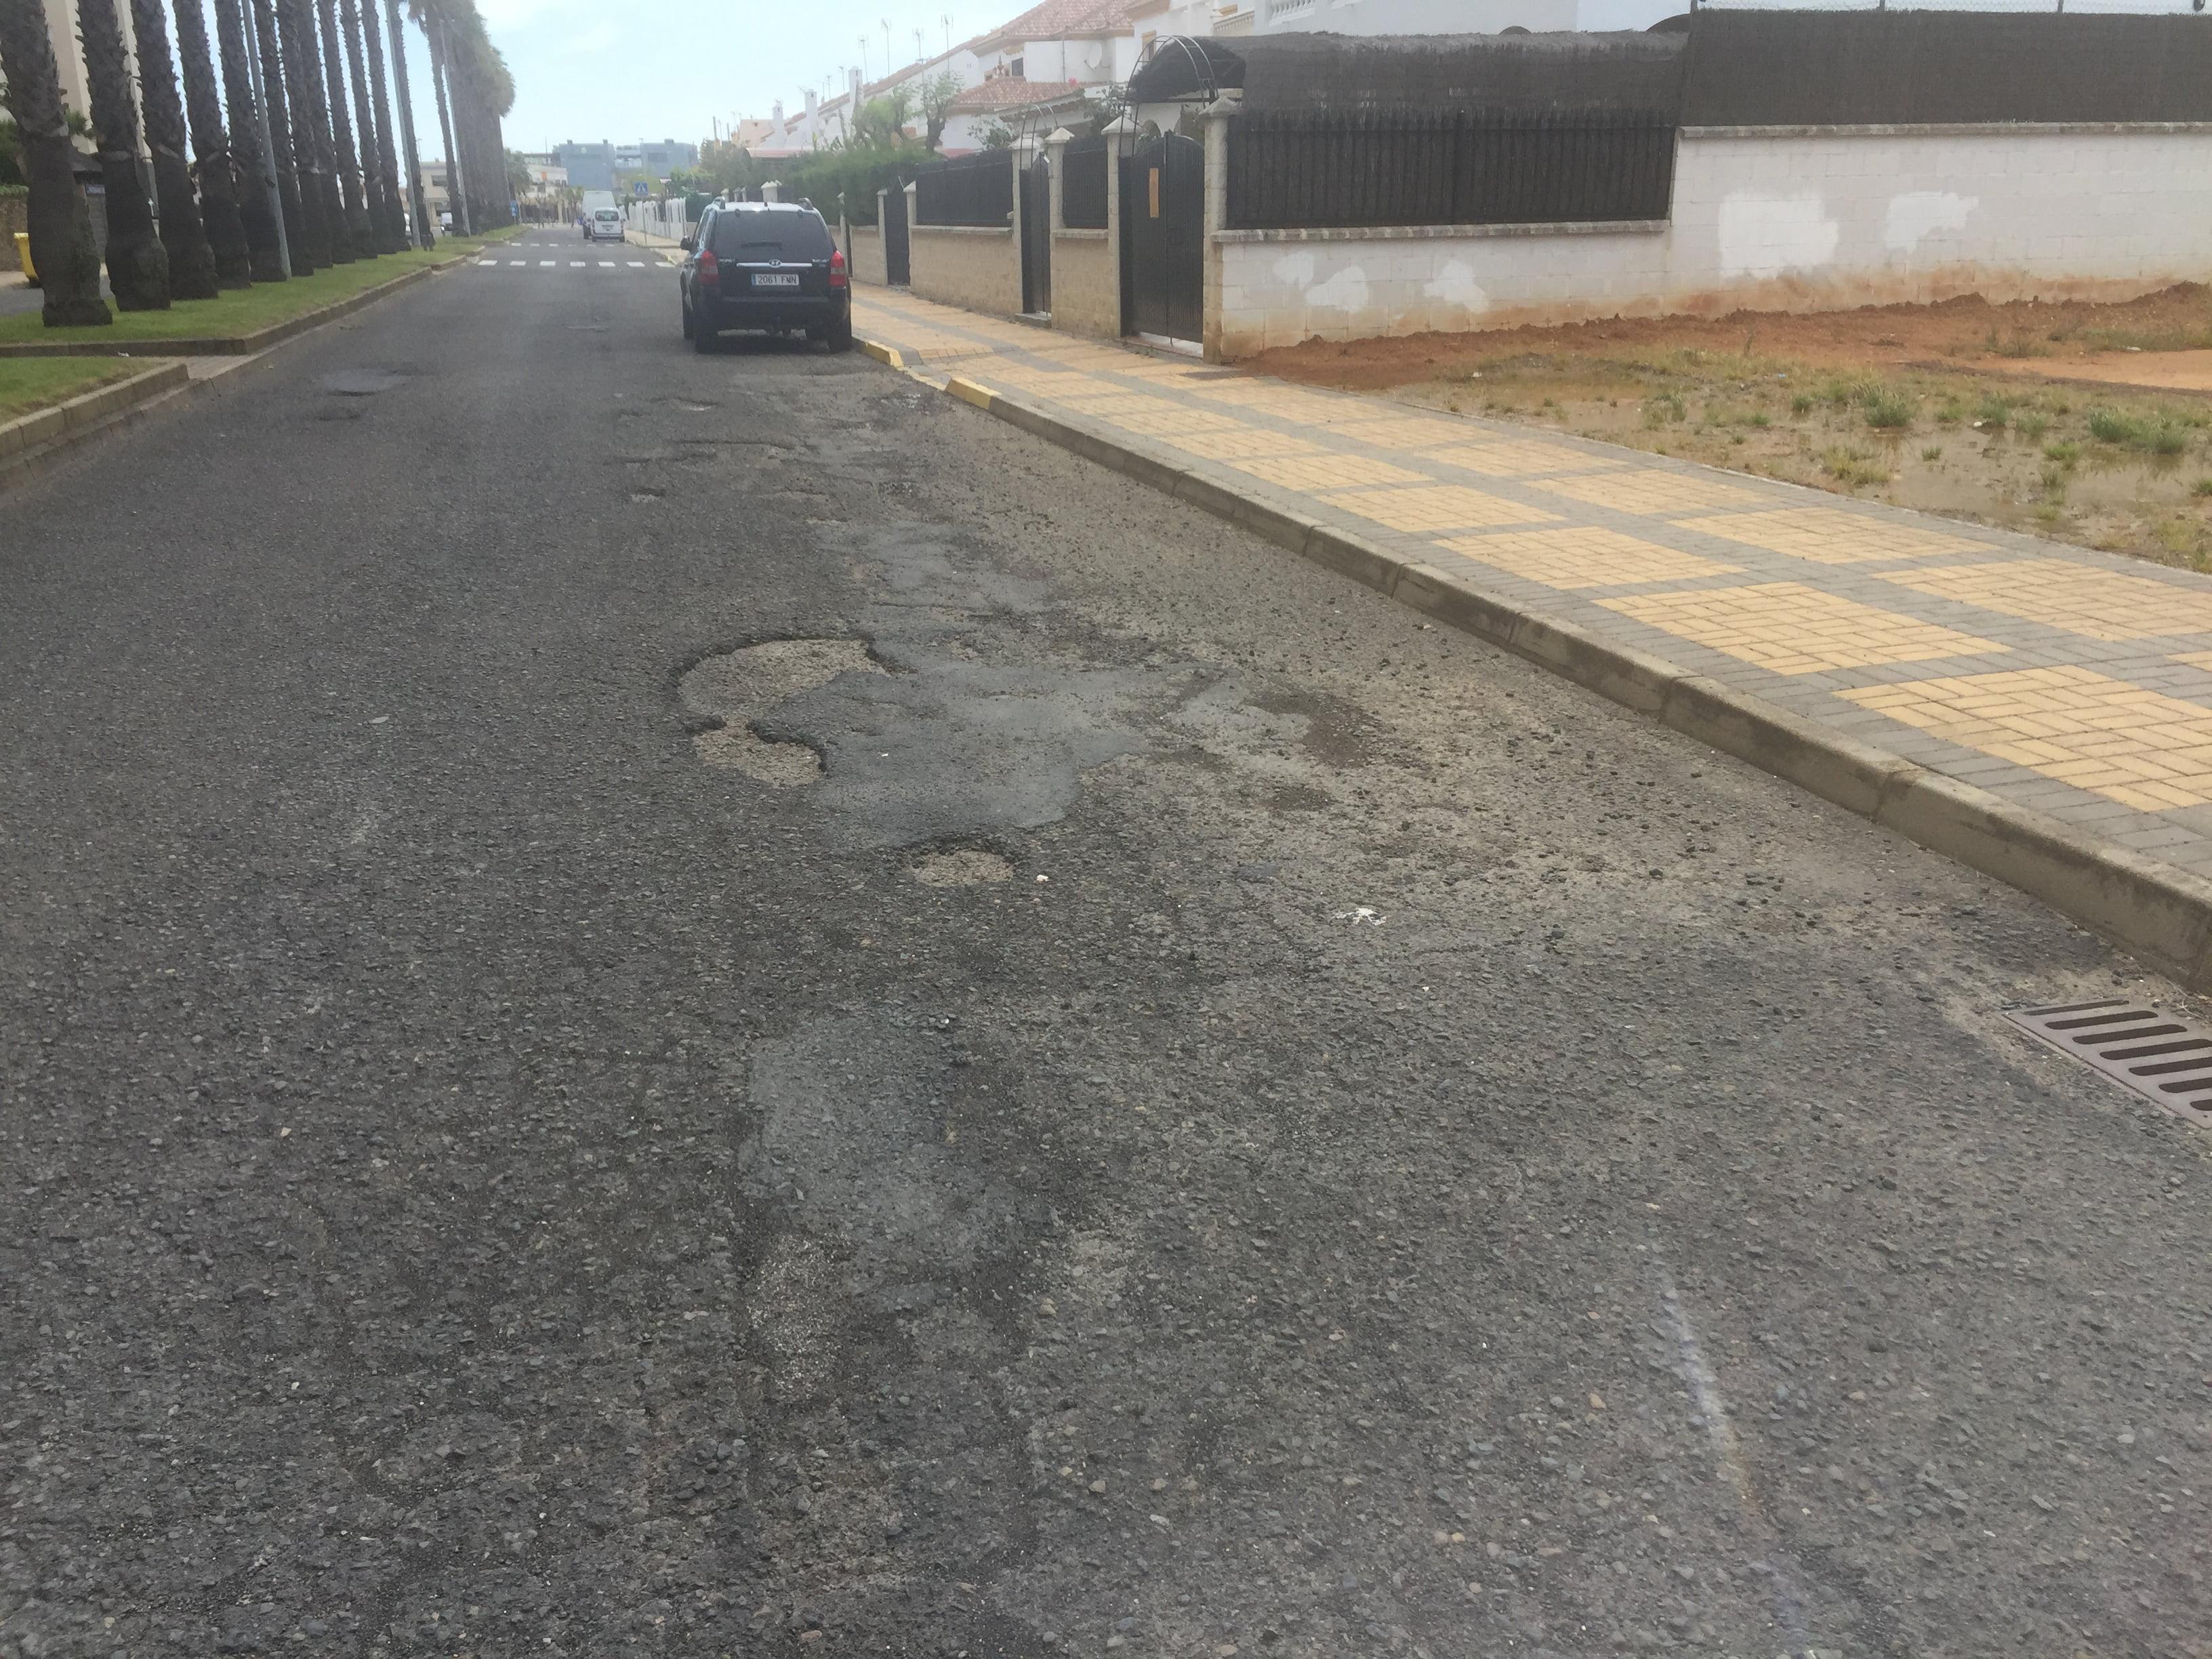 Estado de la calle antes del asfaltado.